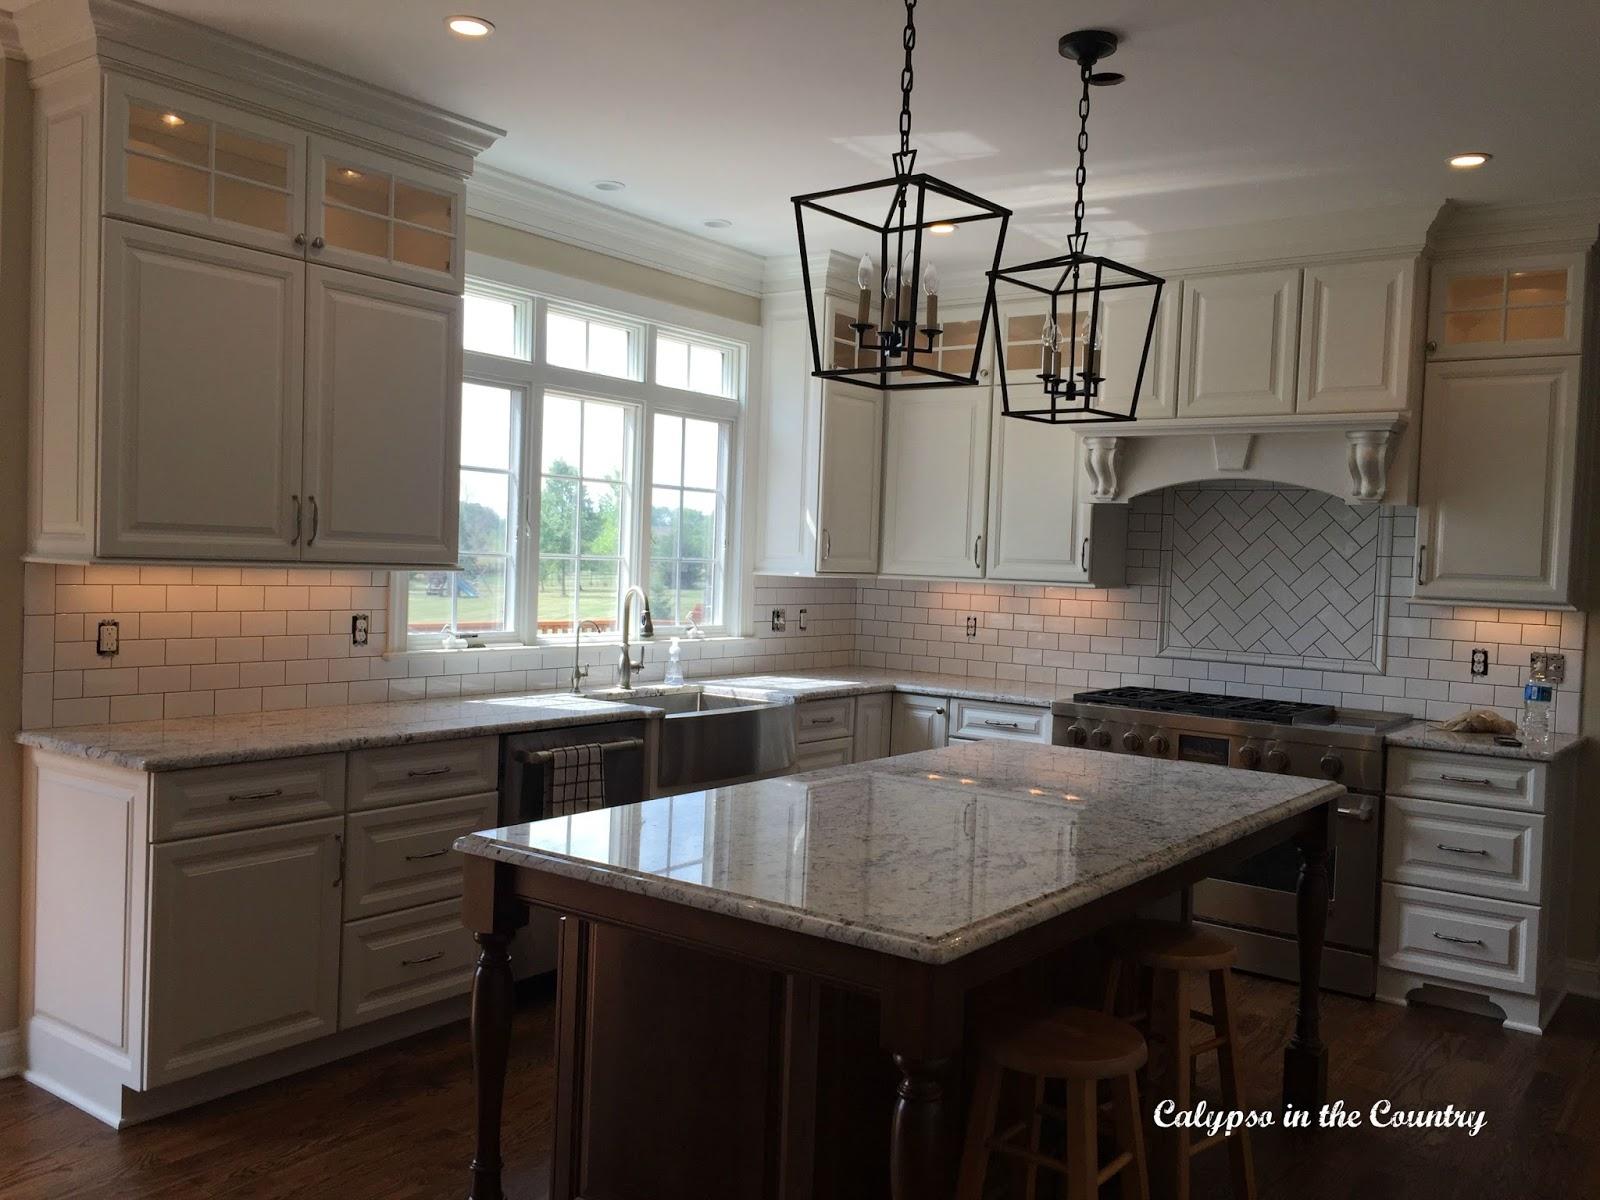 Modern Farmhouse Kitchen - White Subway Tile with gray grout vs. white grout